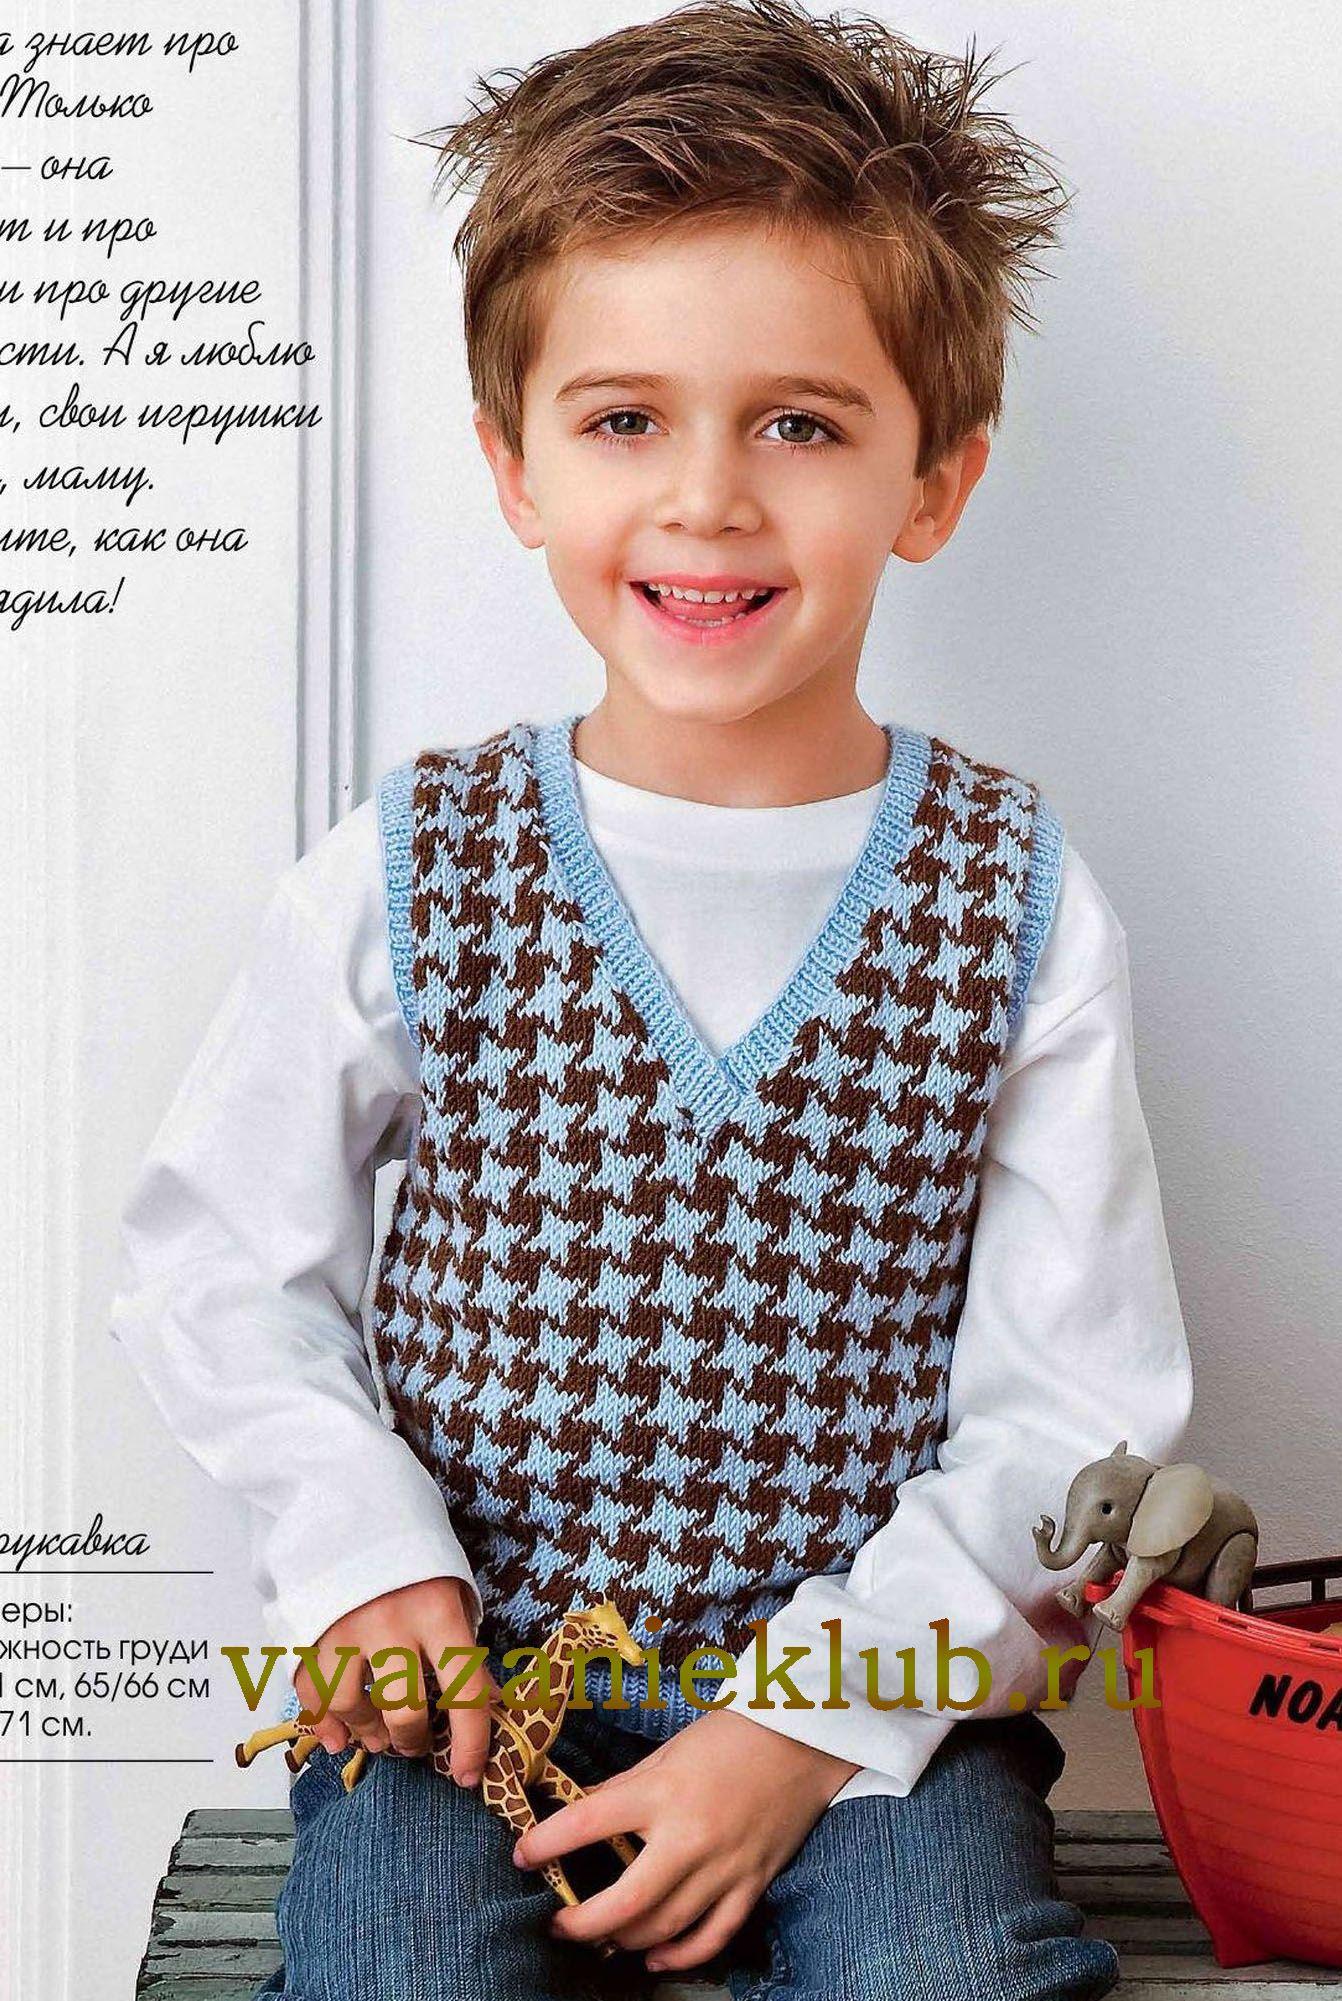 Вязание жилета для мальчиков 12 лет